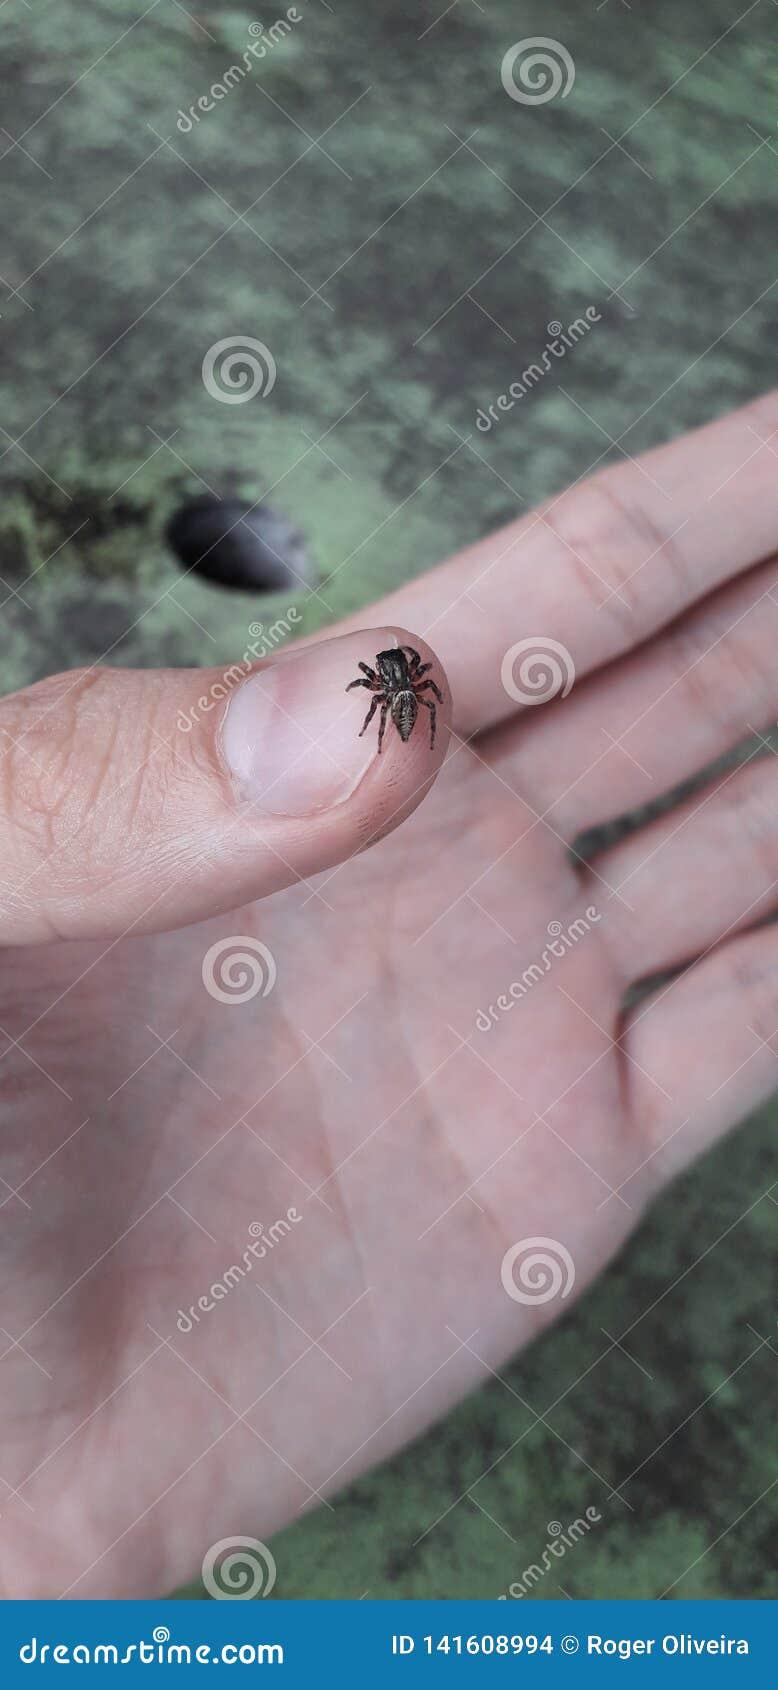 Aranha na mão - o mais florest local em Itamatamirim, interior do pernambuco, Brasil